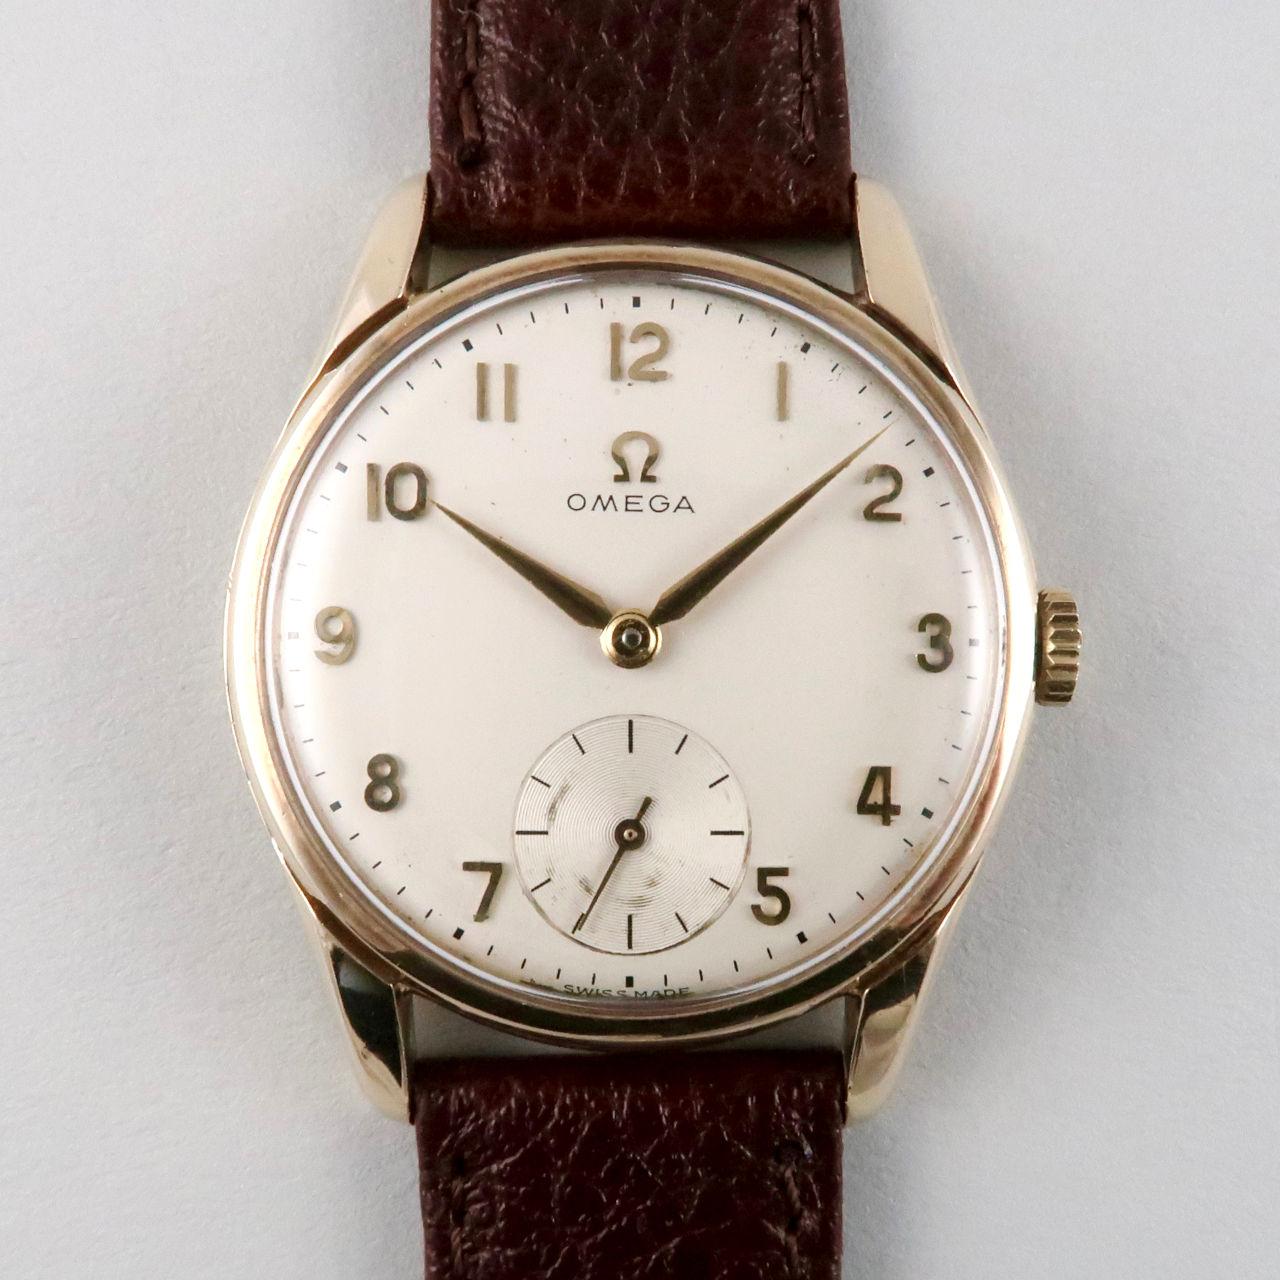 Omega Ref. 923 gold vintage wristwatch, hallmarked 1961